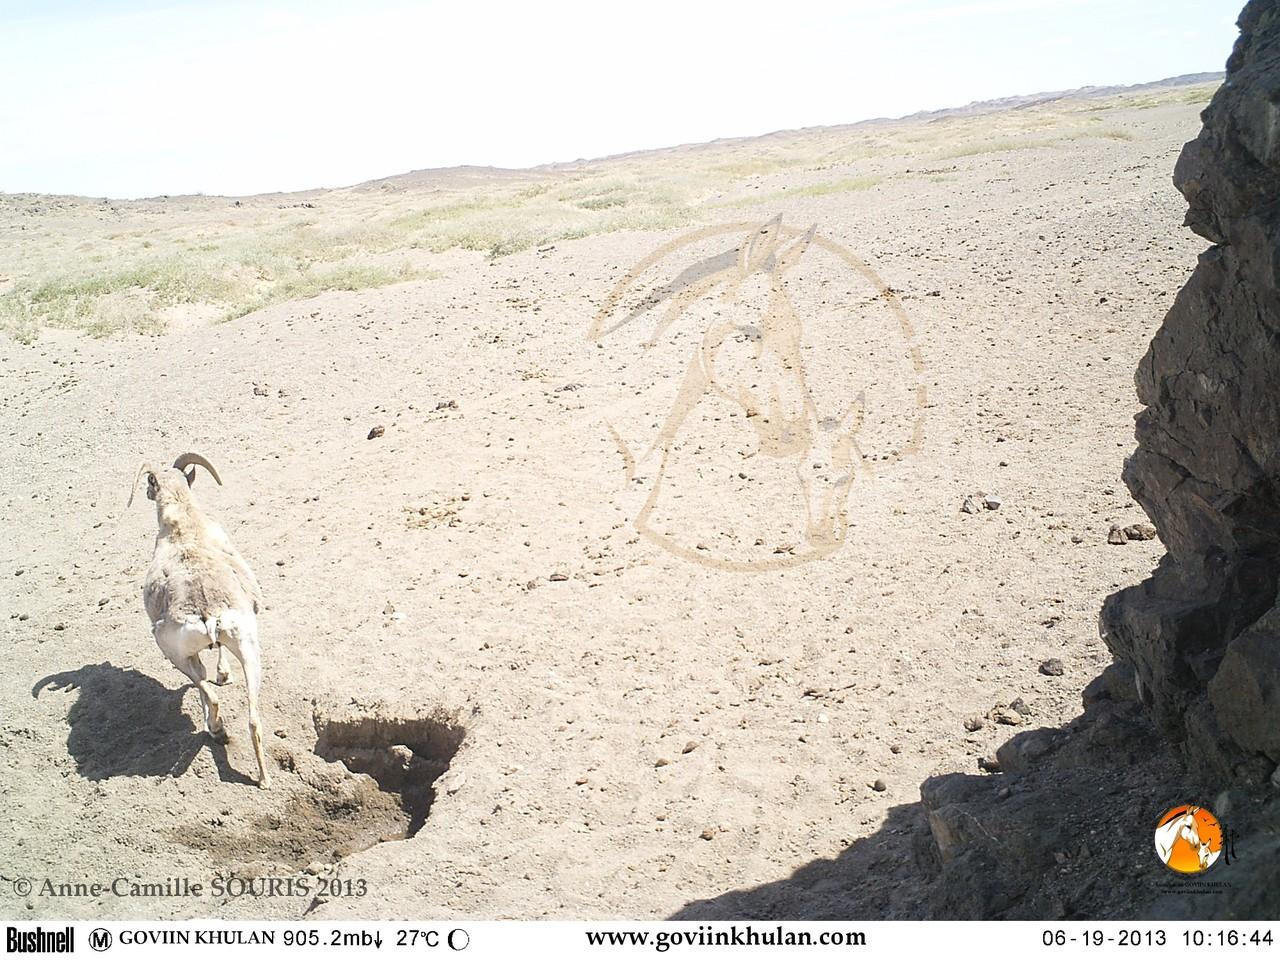 argali/moufflon sauvage quittant un trou creusé par un hémione au niveau du lit d'une rivière asséchée après s'y être abreuvé - juin 2013